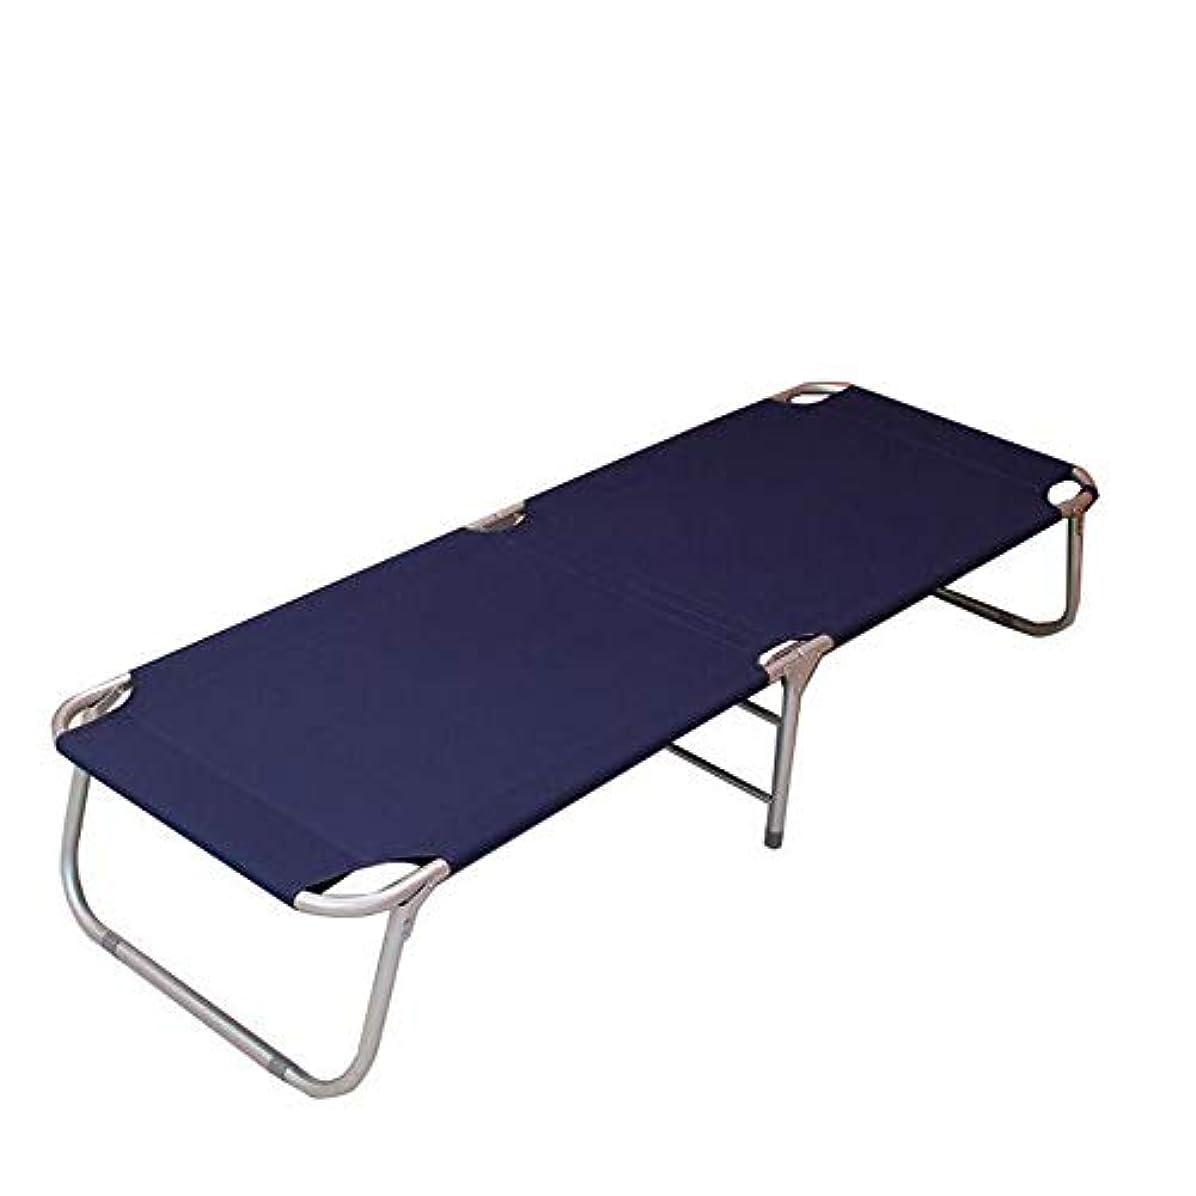 ビルダー通信するジム折りたたみベッドシンプルベッドキャンプベッドシングルベッド用大人子供ランチブレイクオフィスポータブルエスコートベッド